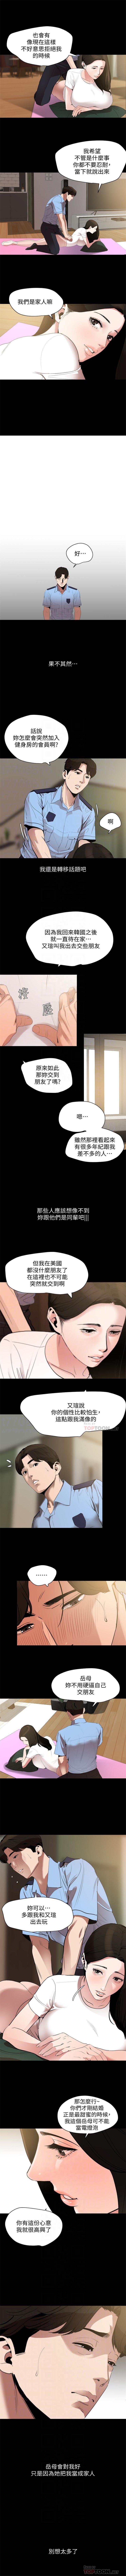 與岳母同屋 1-16 官方中文(連載中) 65